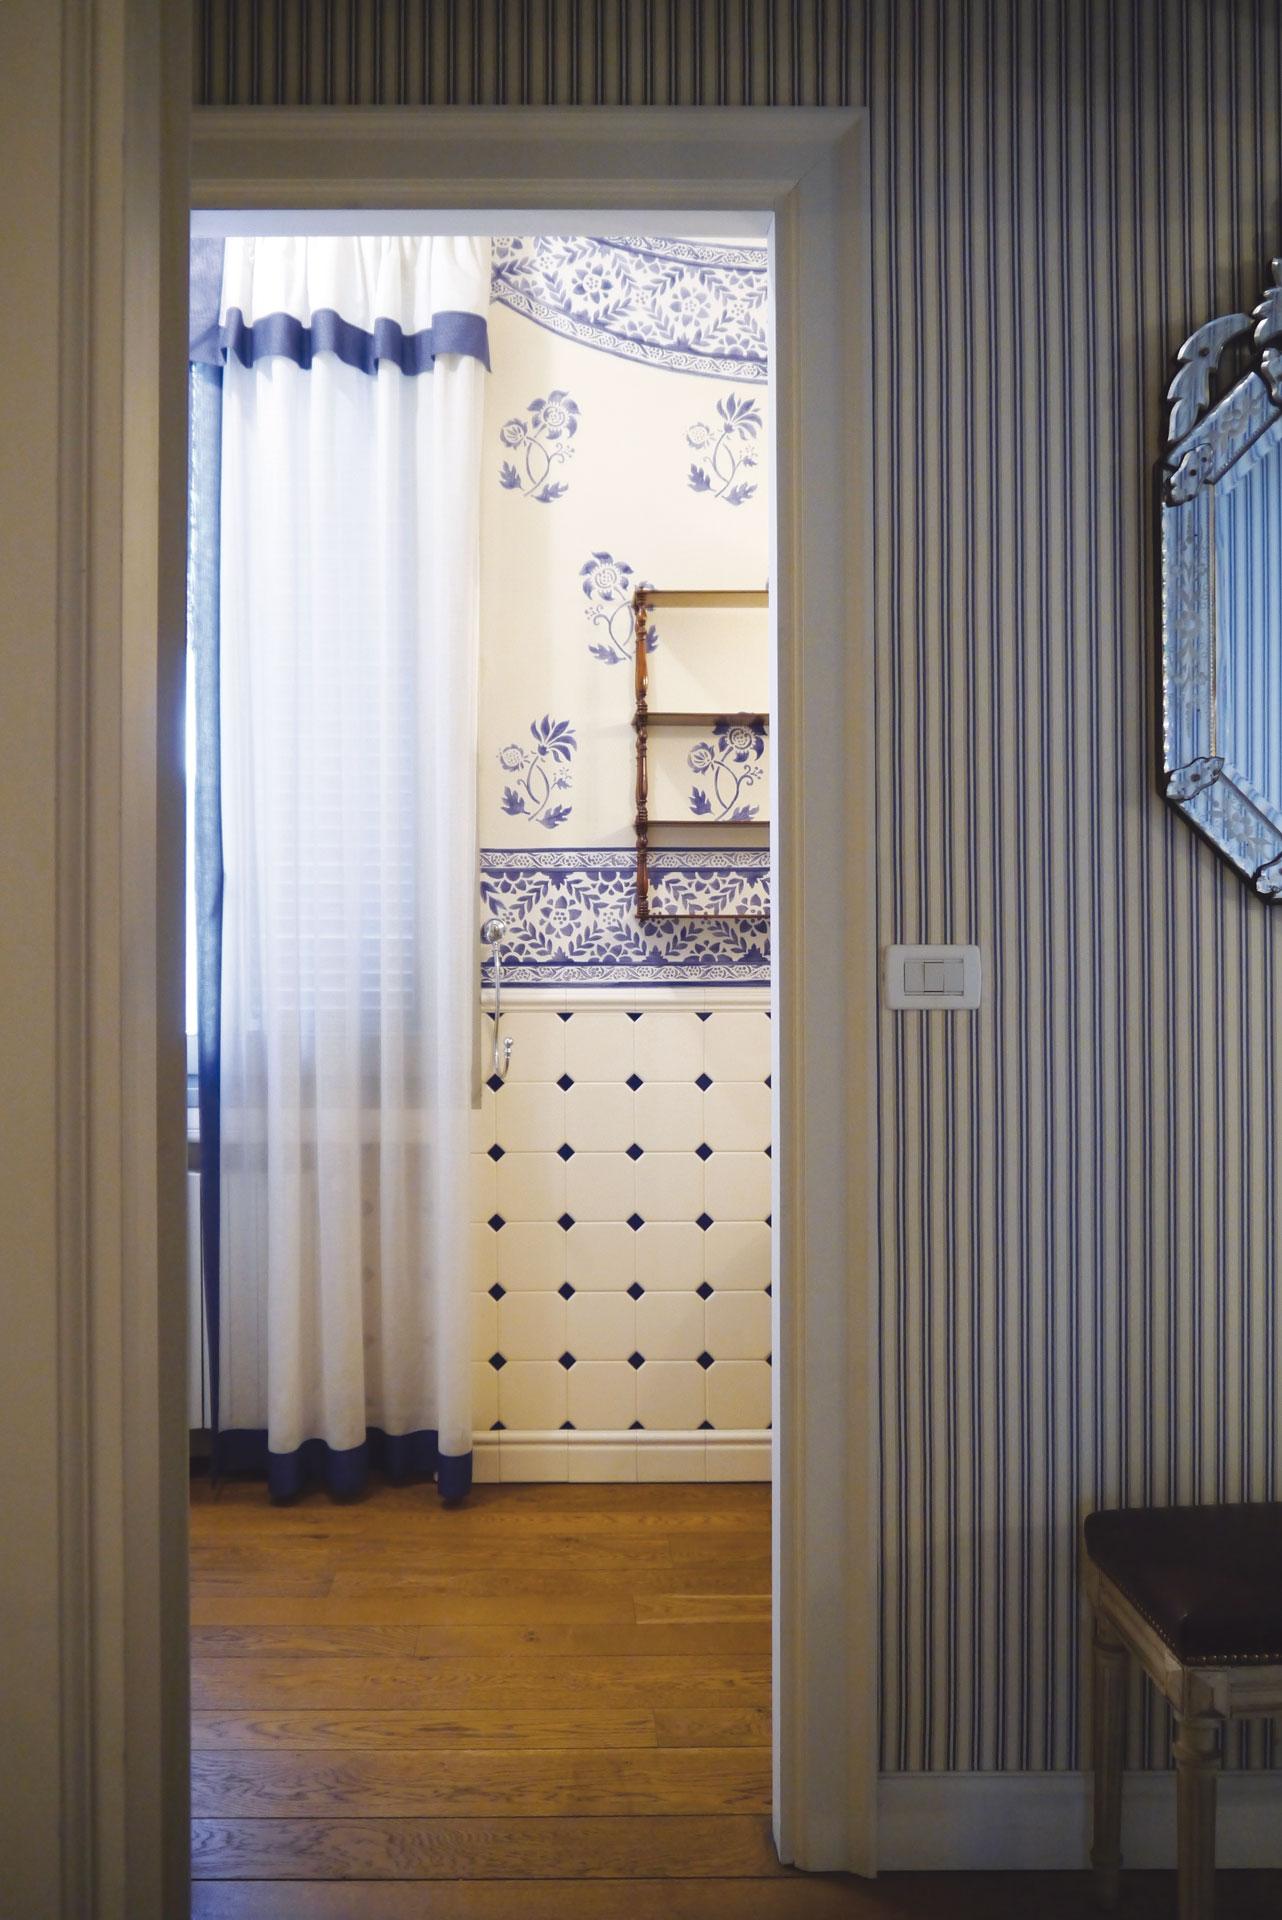 Bagni ricamati decorazione pittorica di interni bologna for Blog decorazione interni